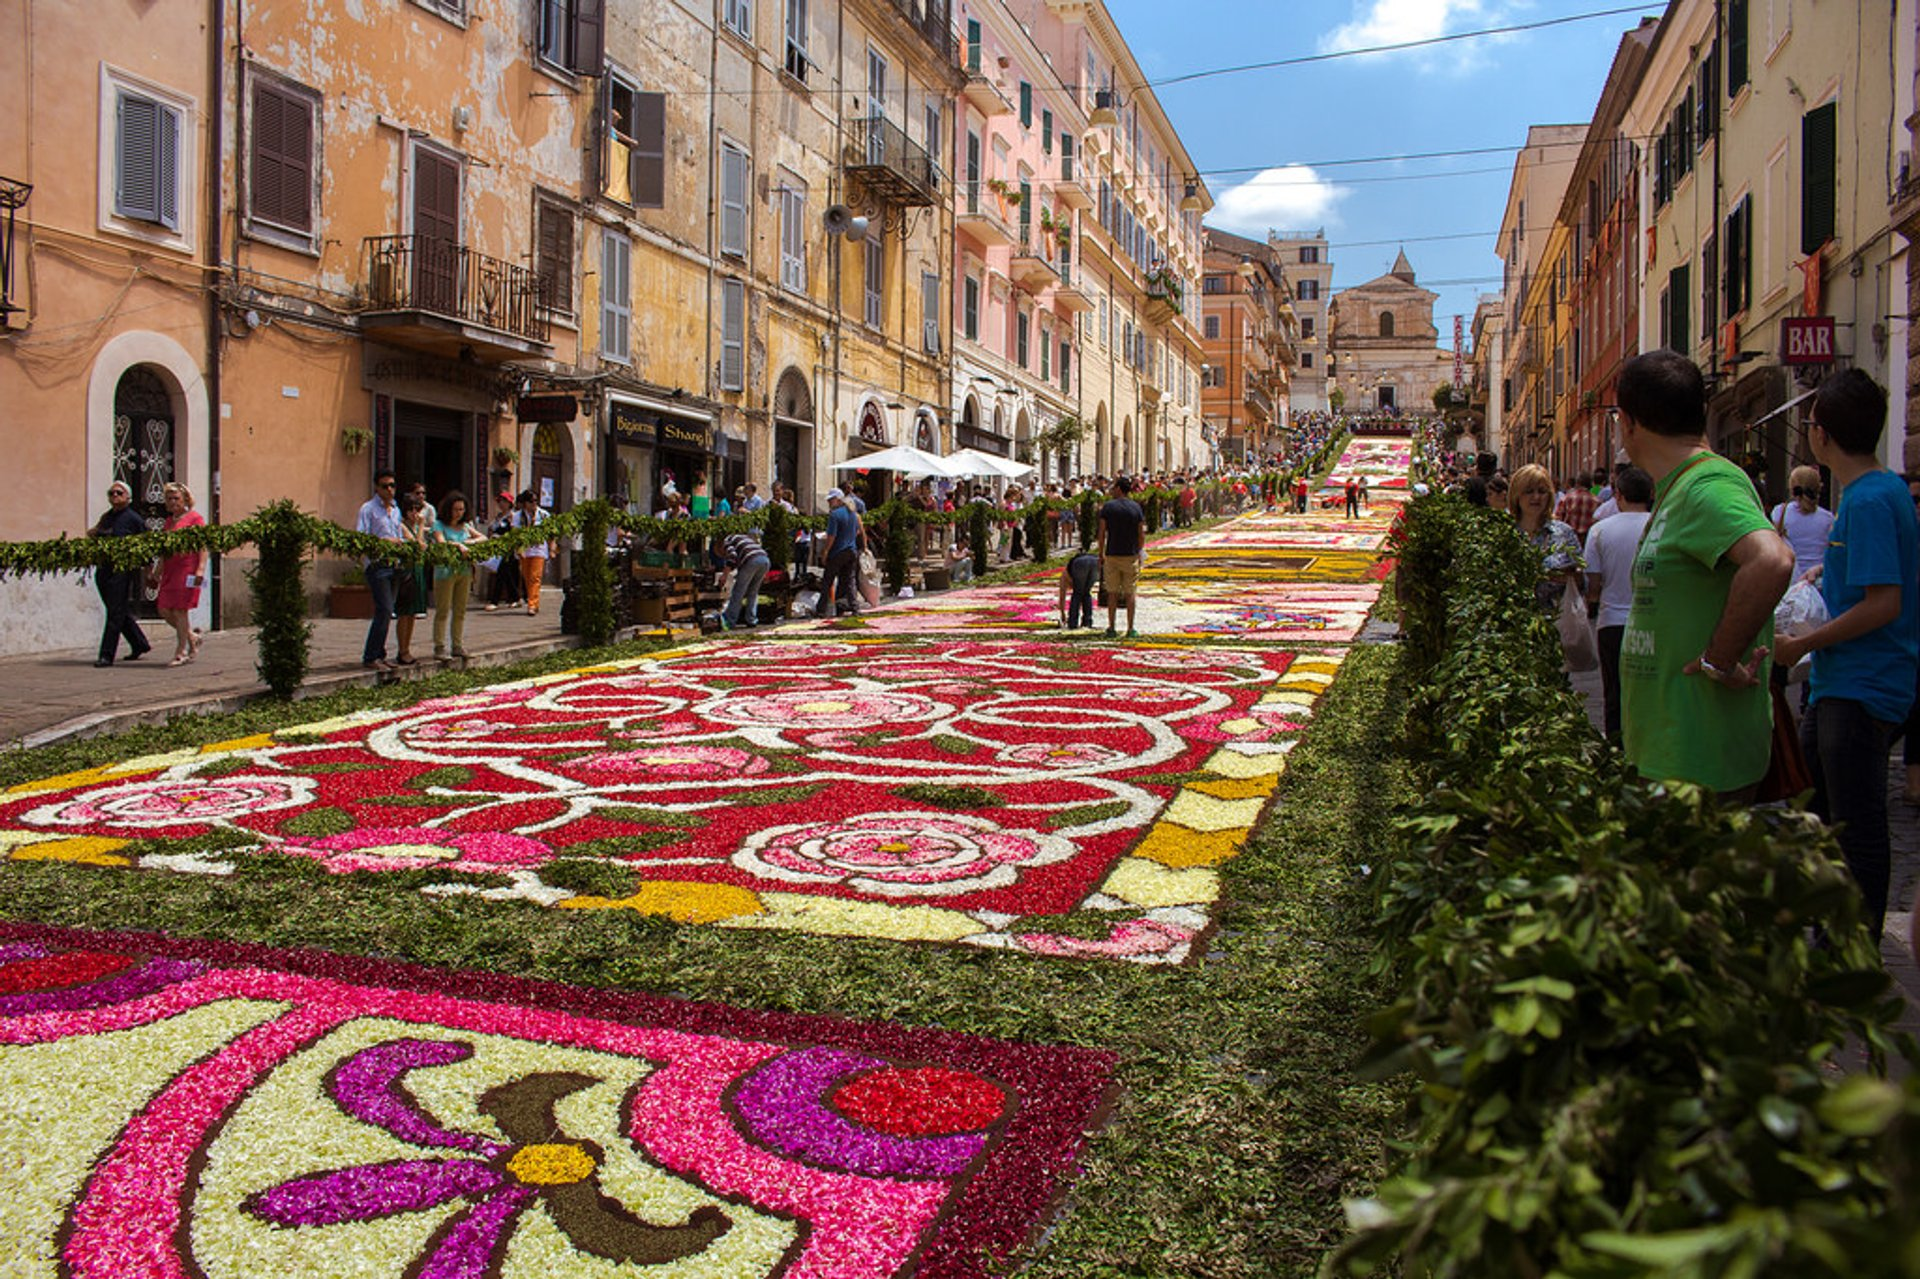 Infiorata Flower Carpet Festivals in Italy 2020 - Best Time